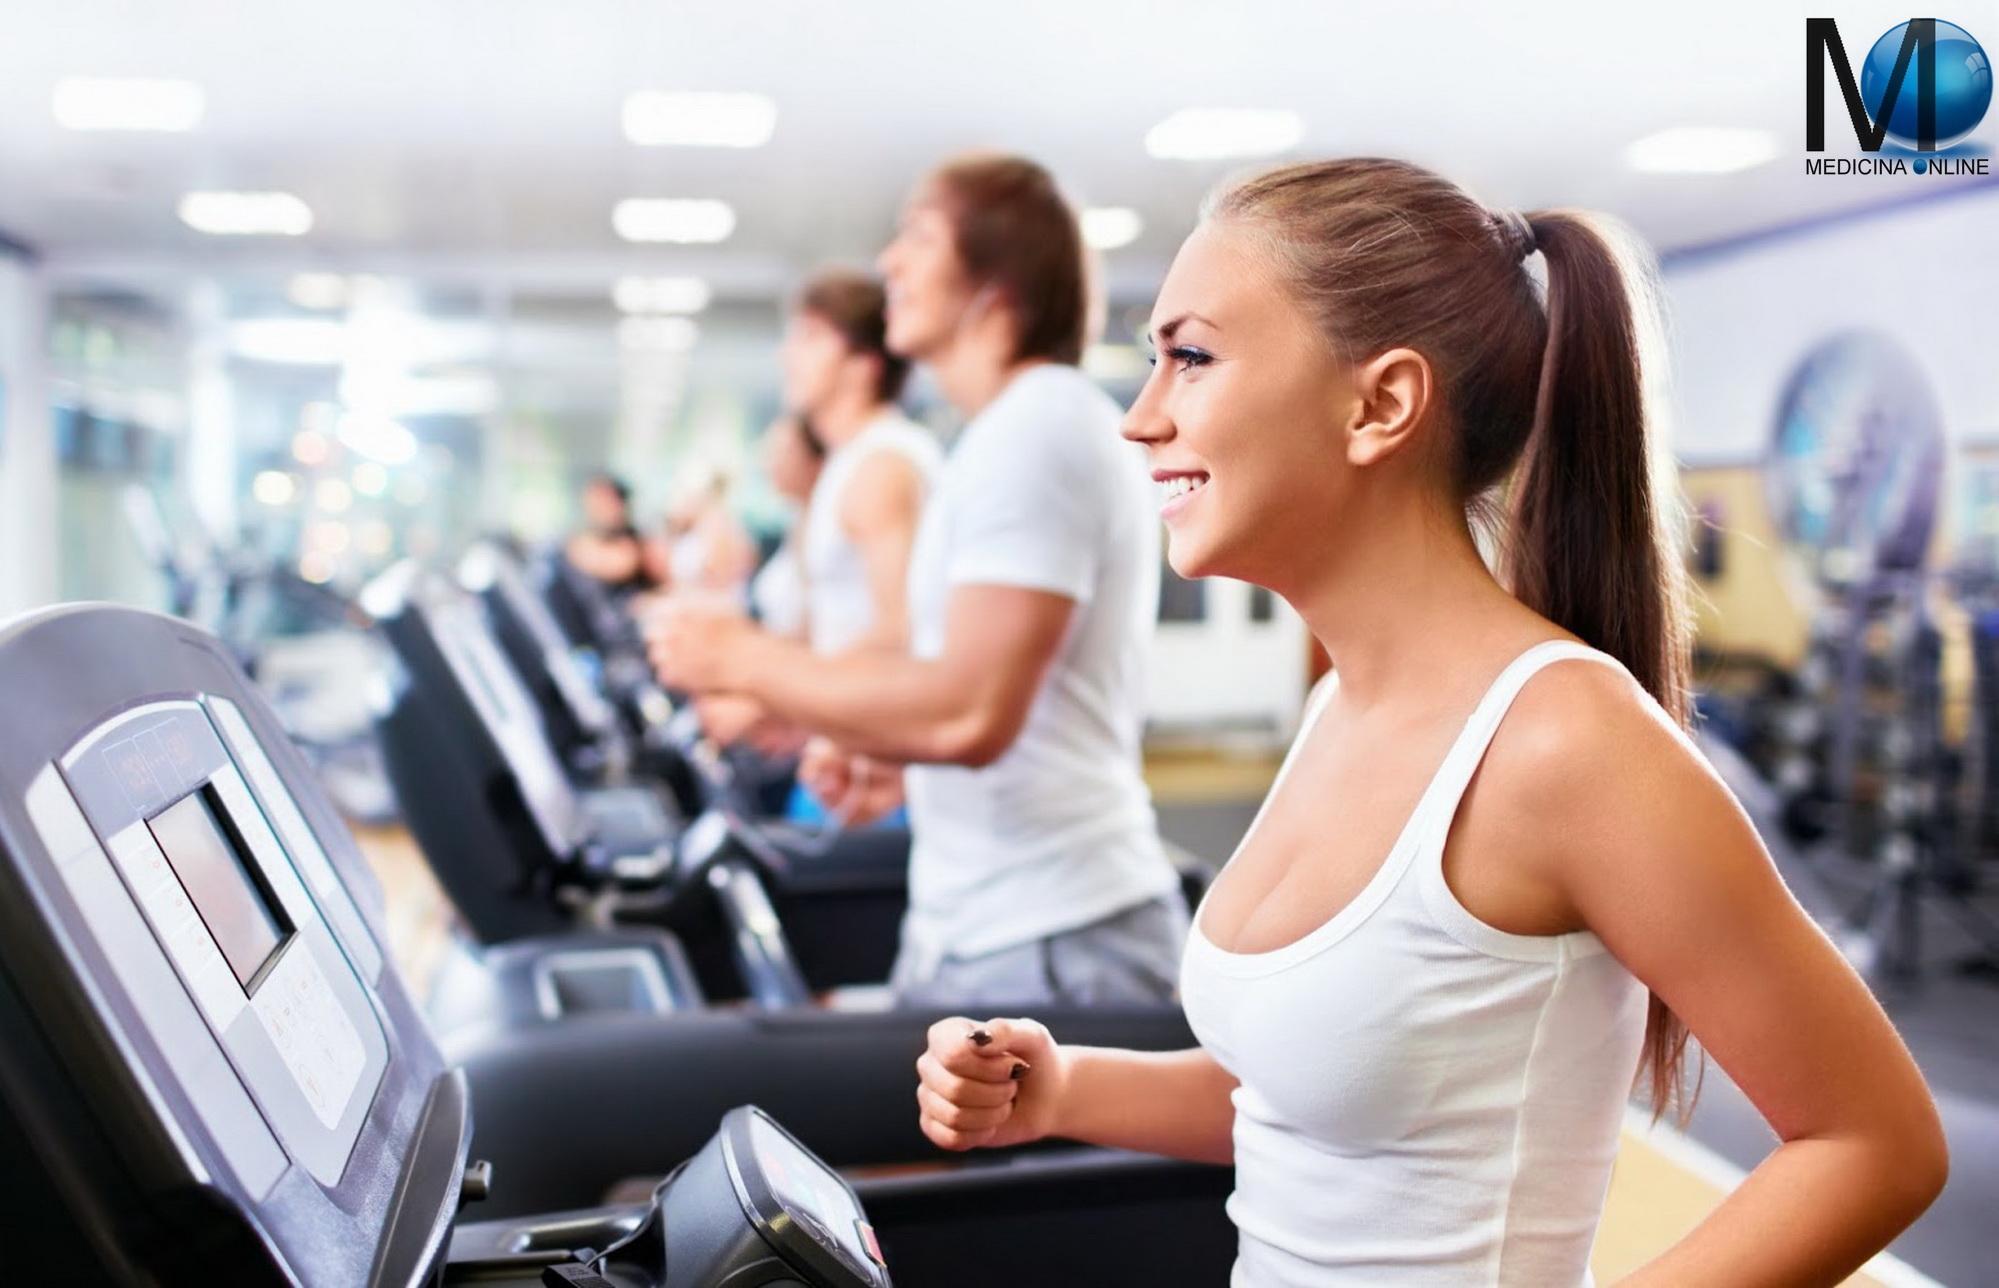 pesi o corsa per perdere peso